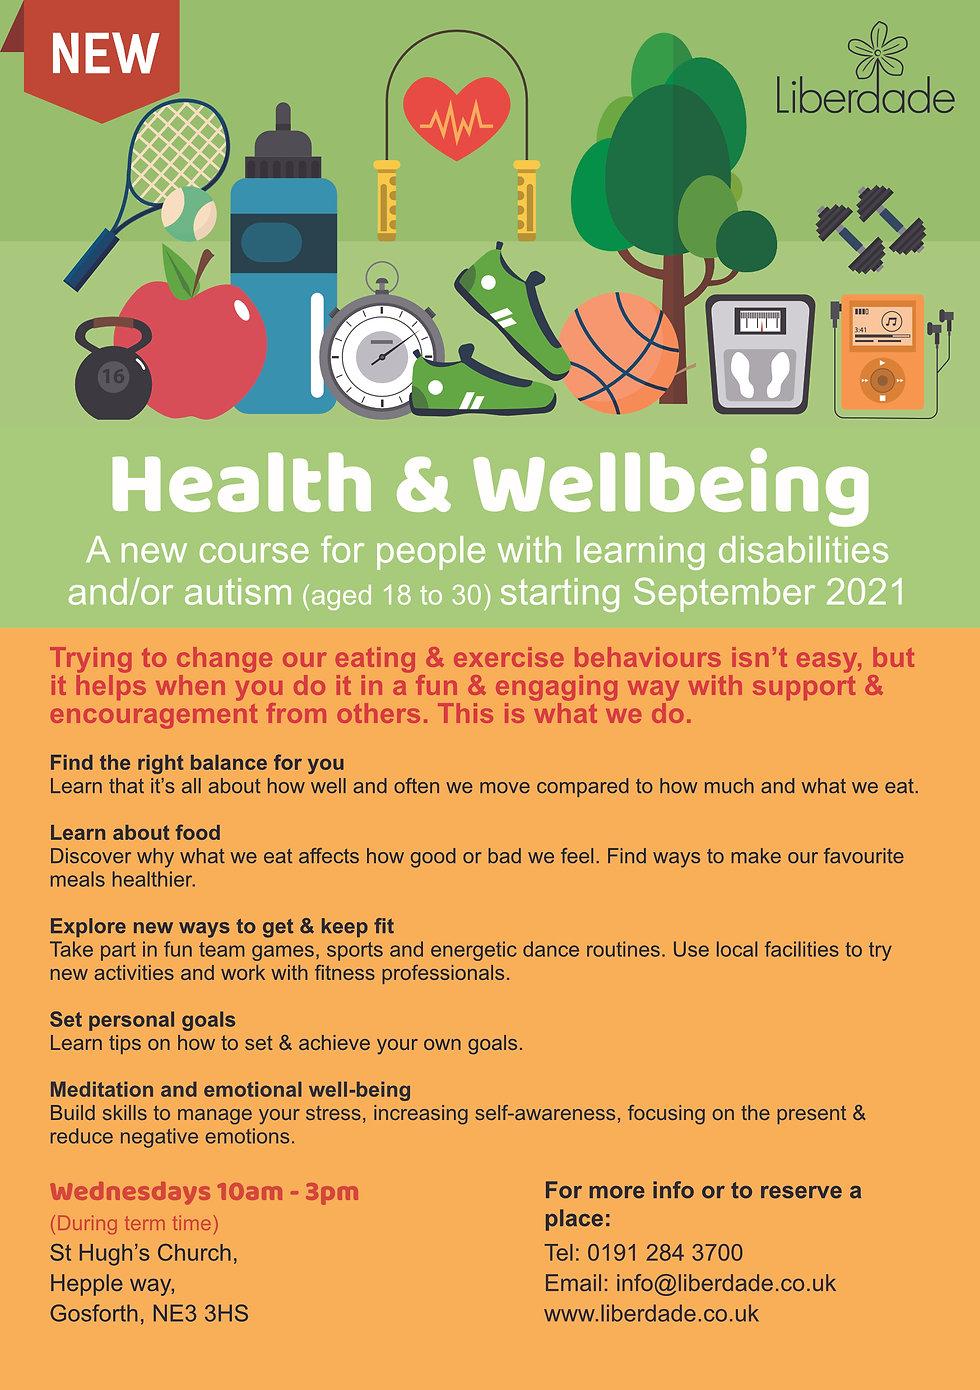 health and wellebing.jpg